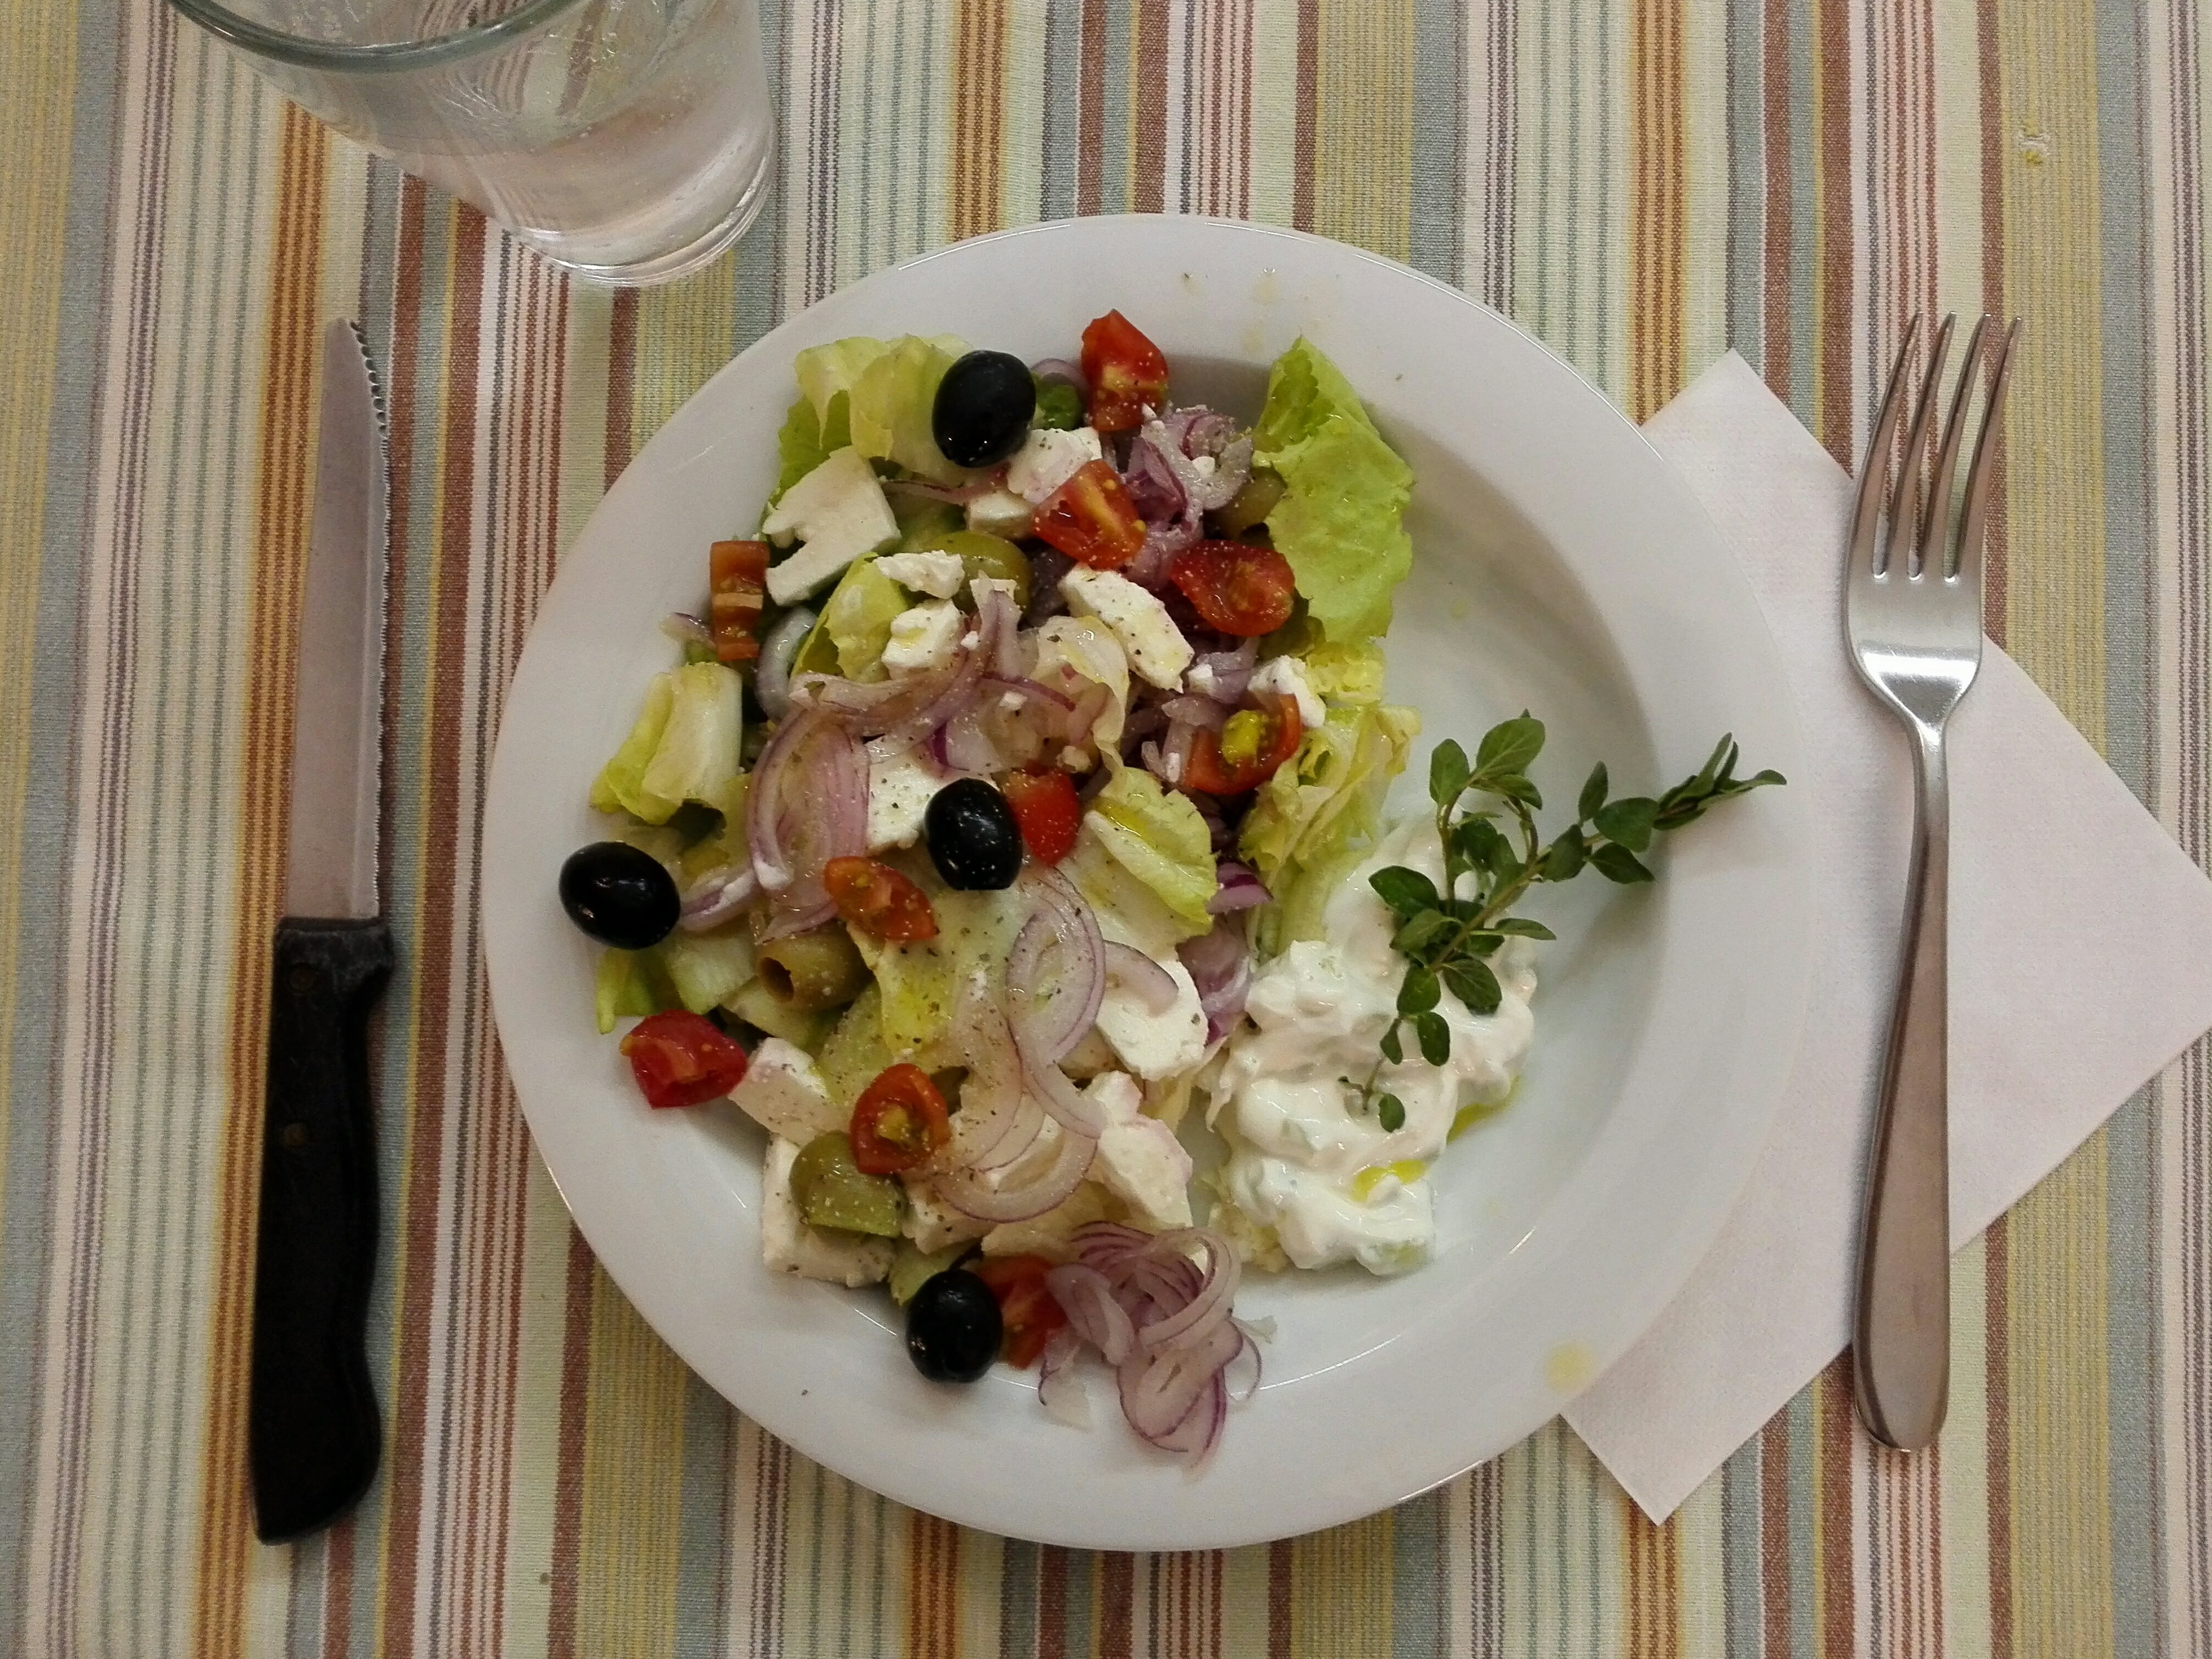 Greek salad with oregano tzatziki